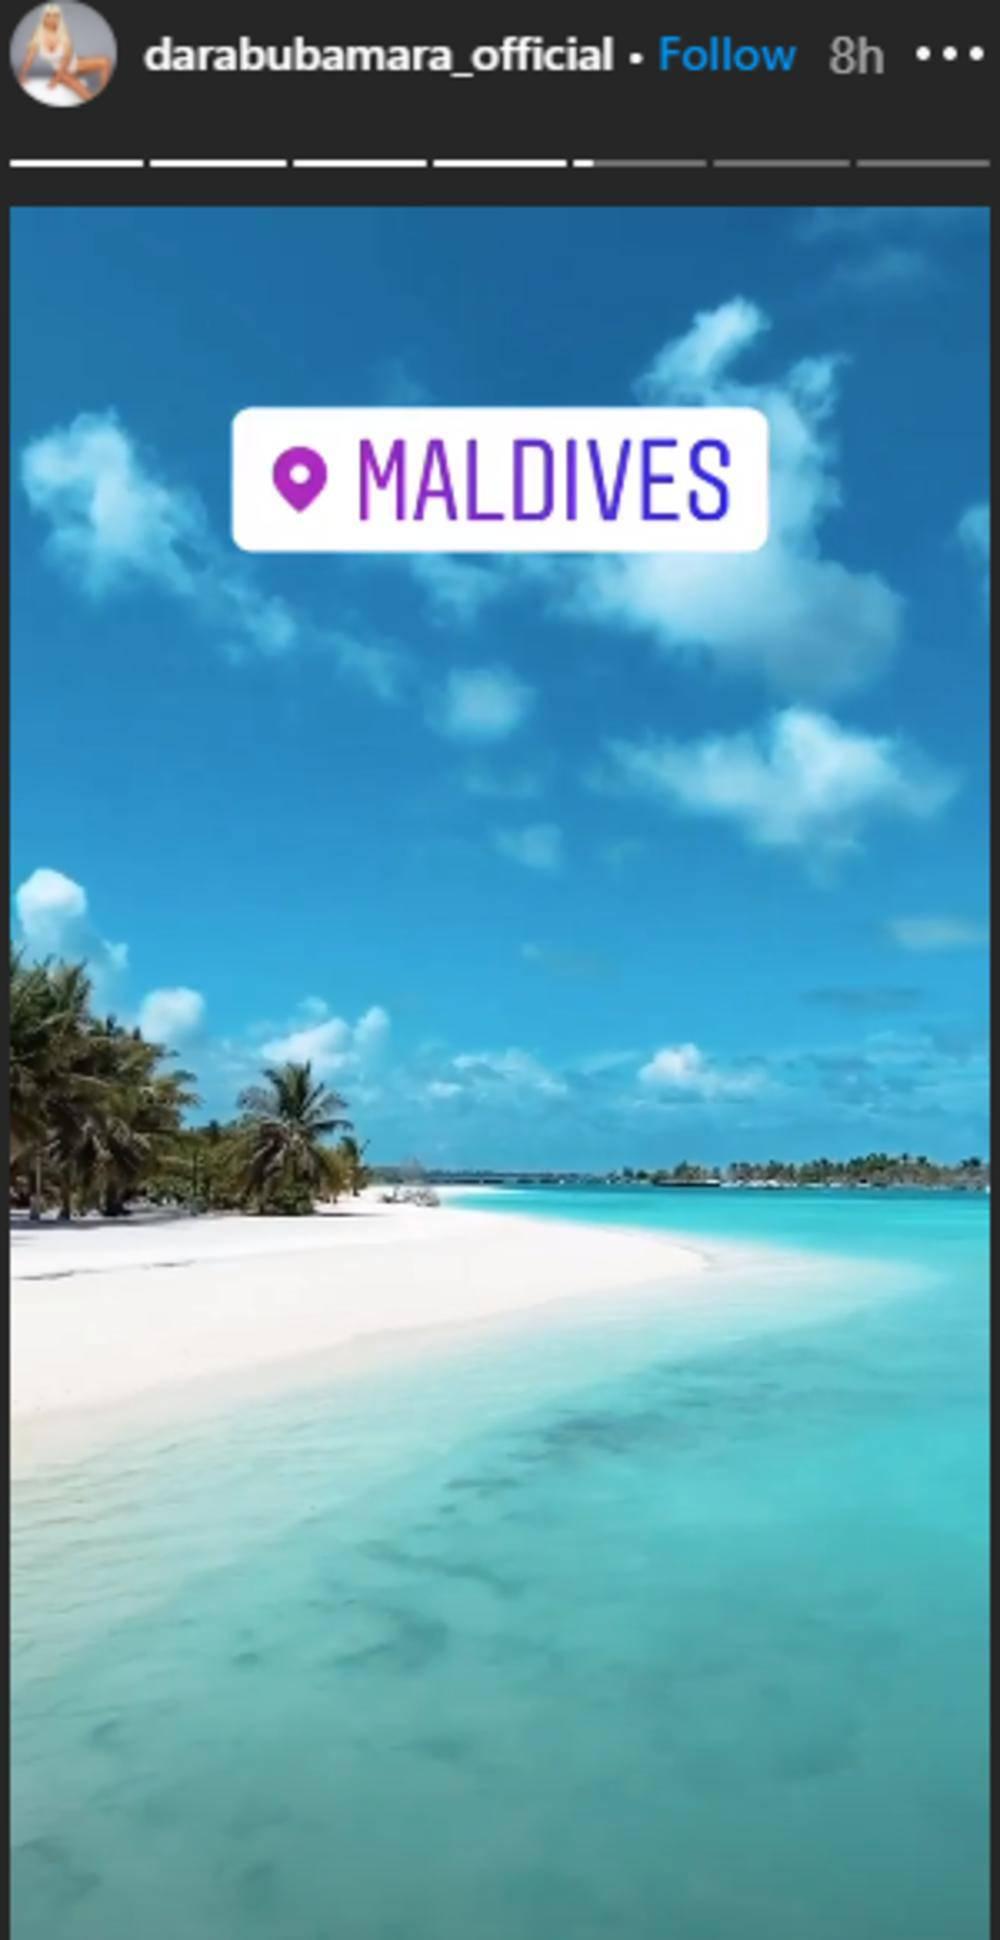 Vrući kadrovi s ljetovanja: Dara Bubamara je otišla na Maldive